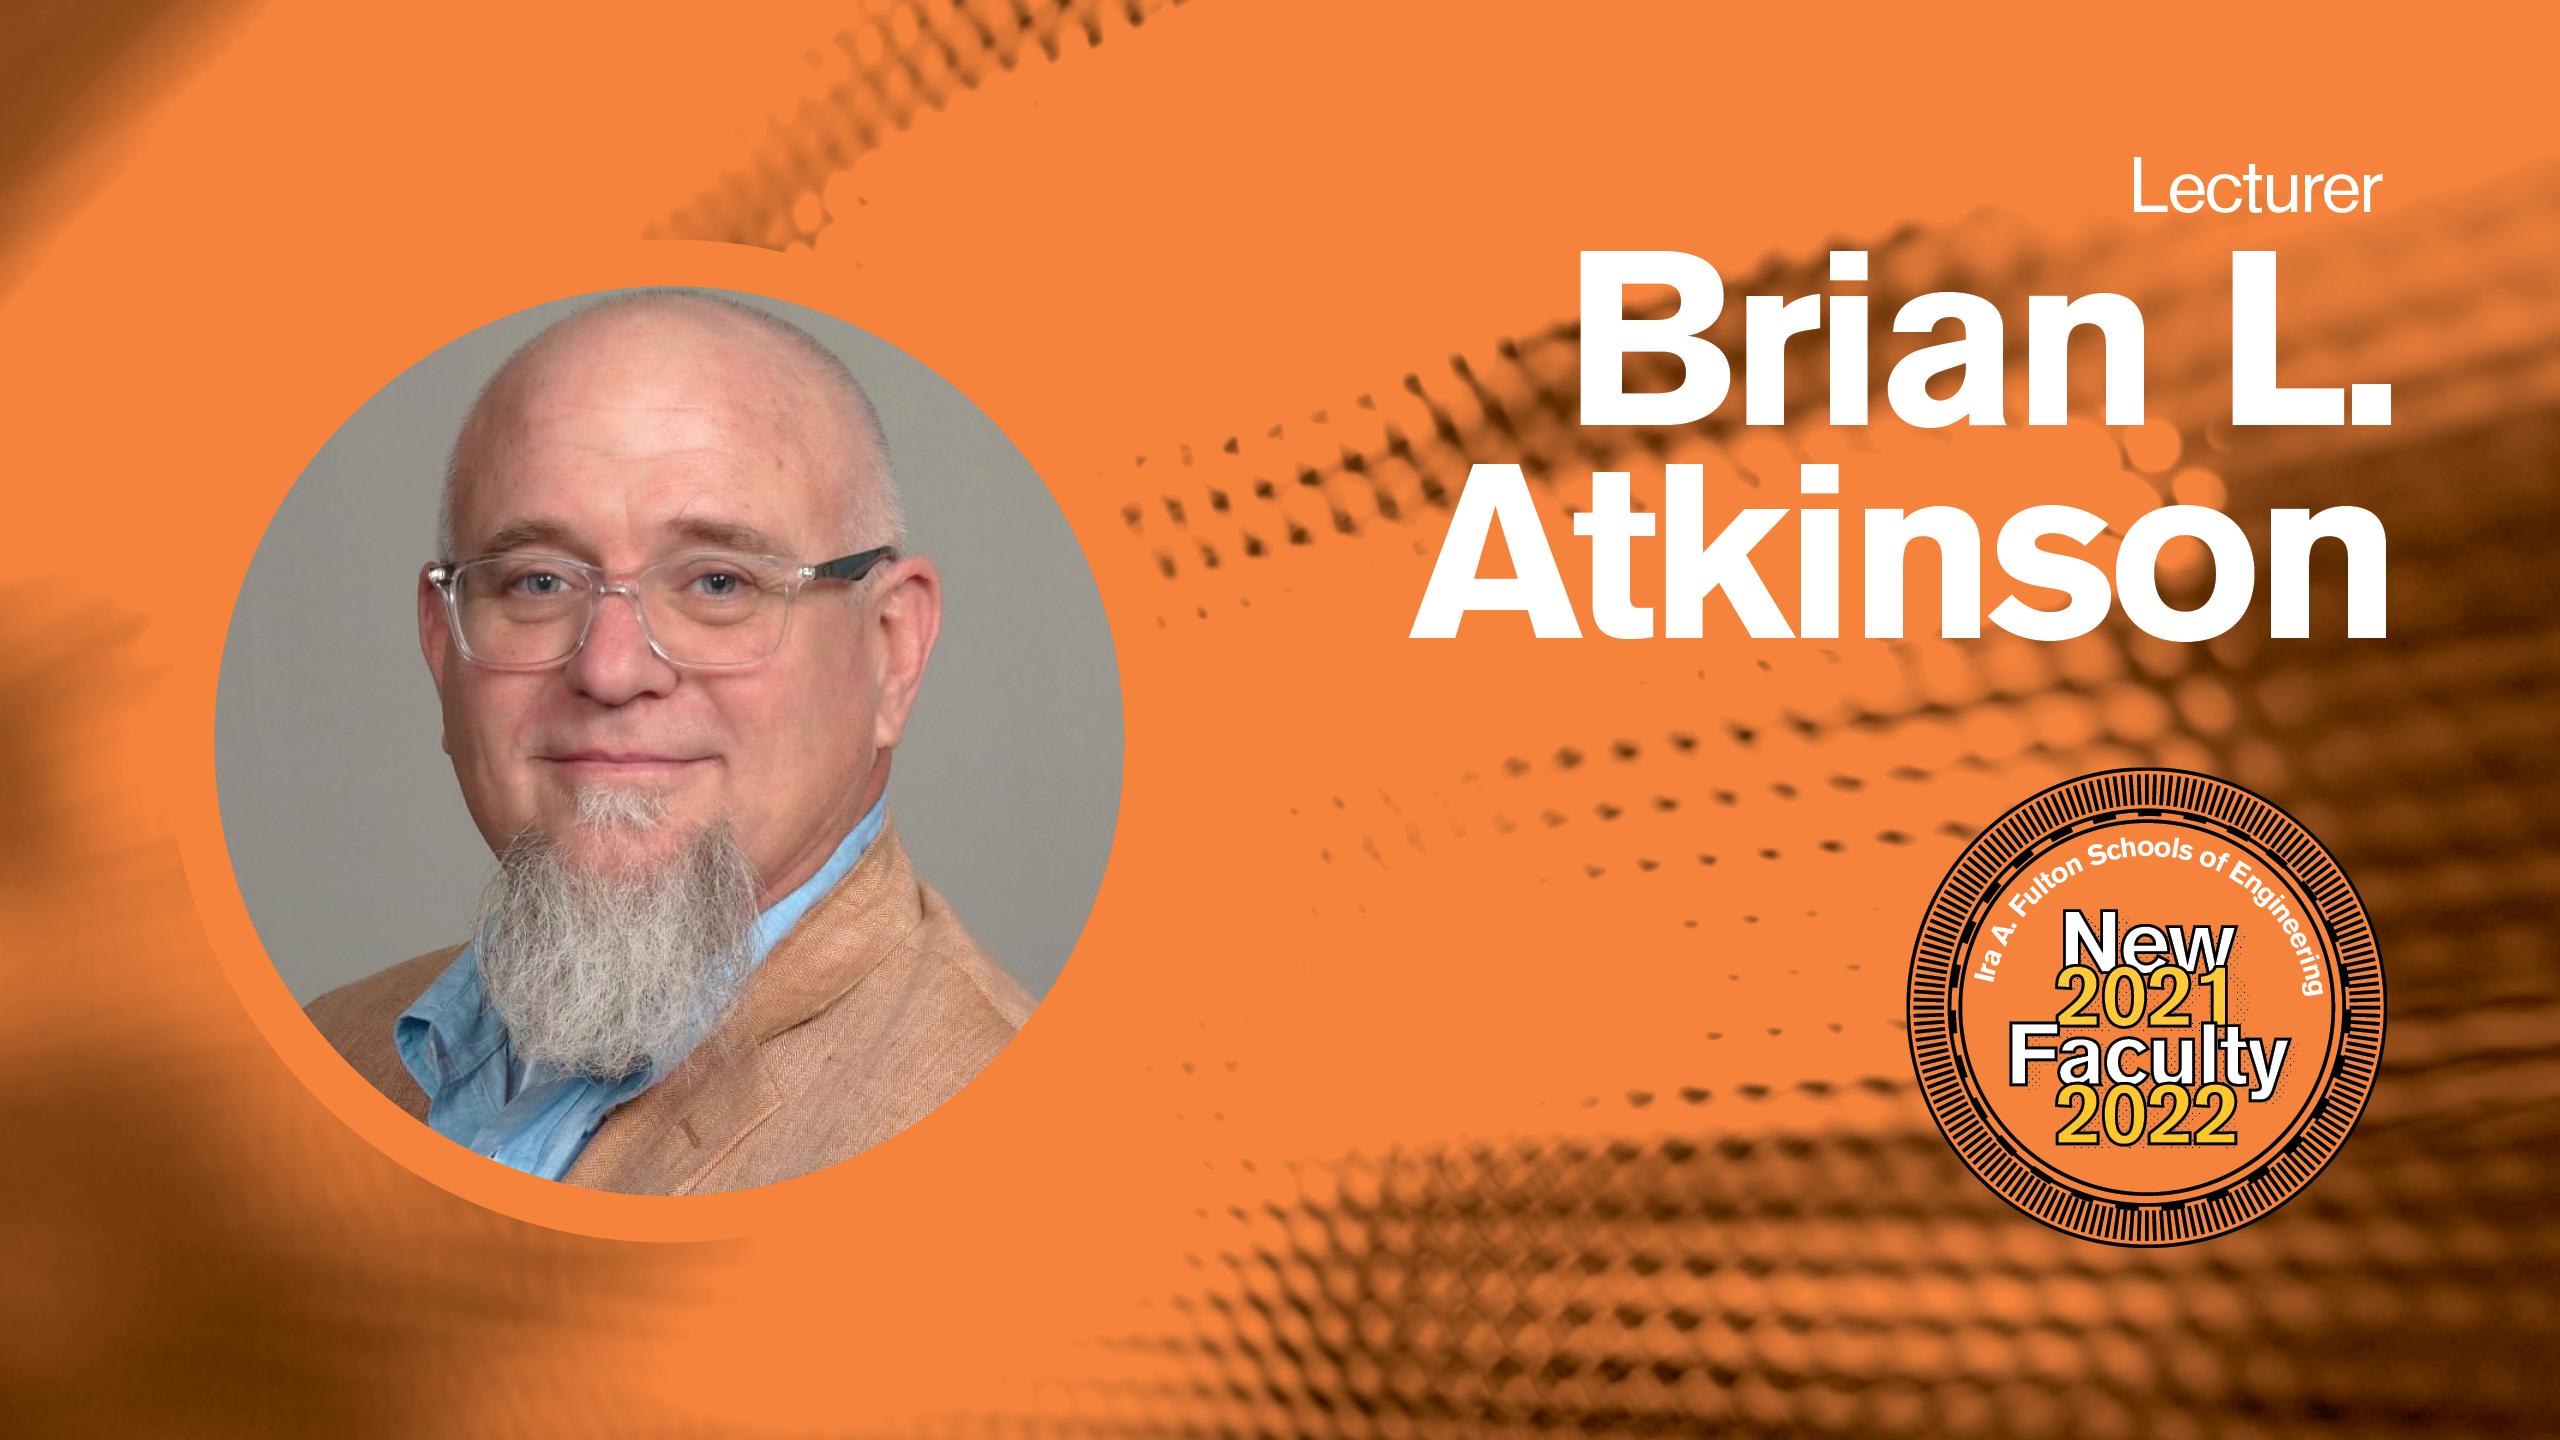 Brian L. Atkinson